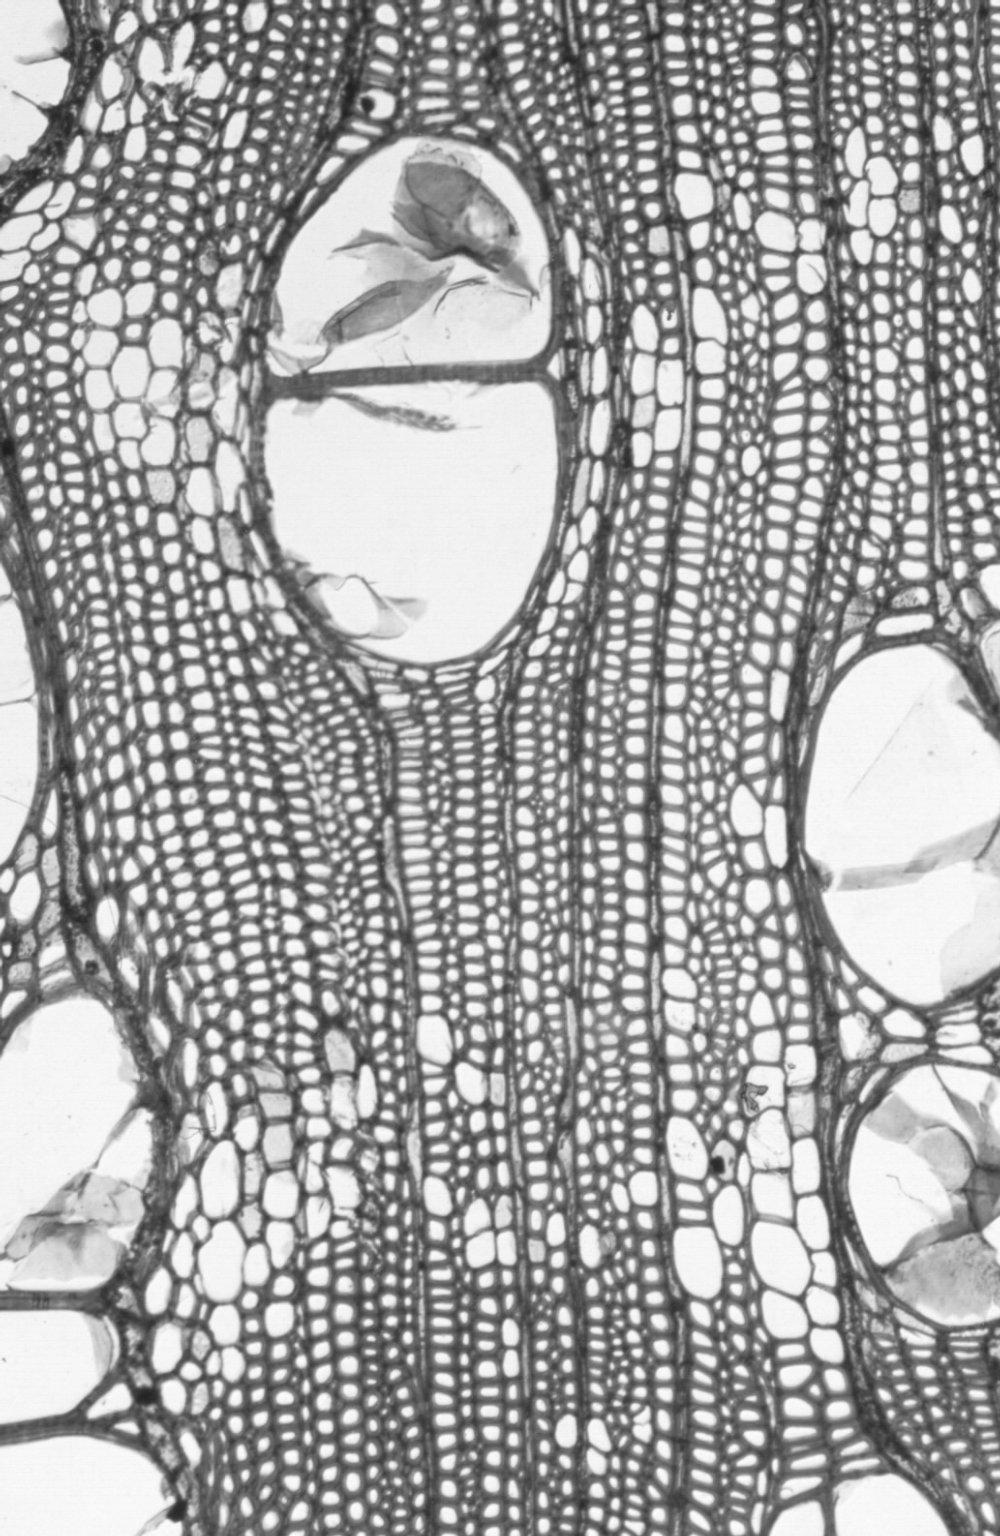 MYRTACEAE Corymbia calophylla